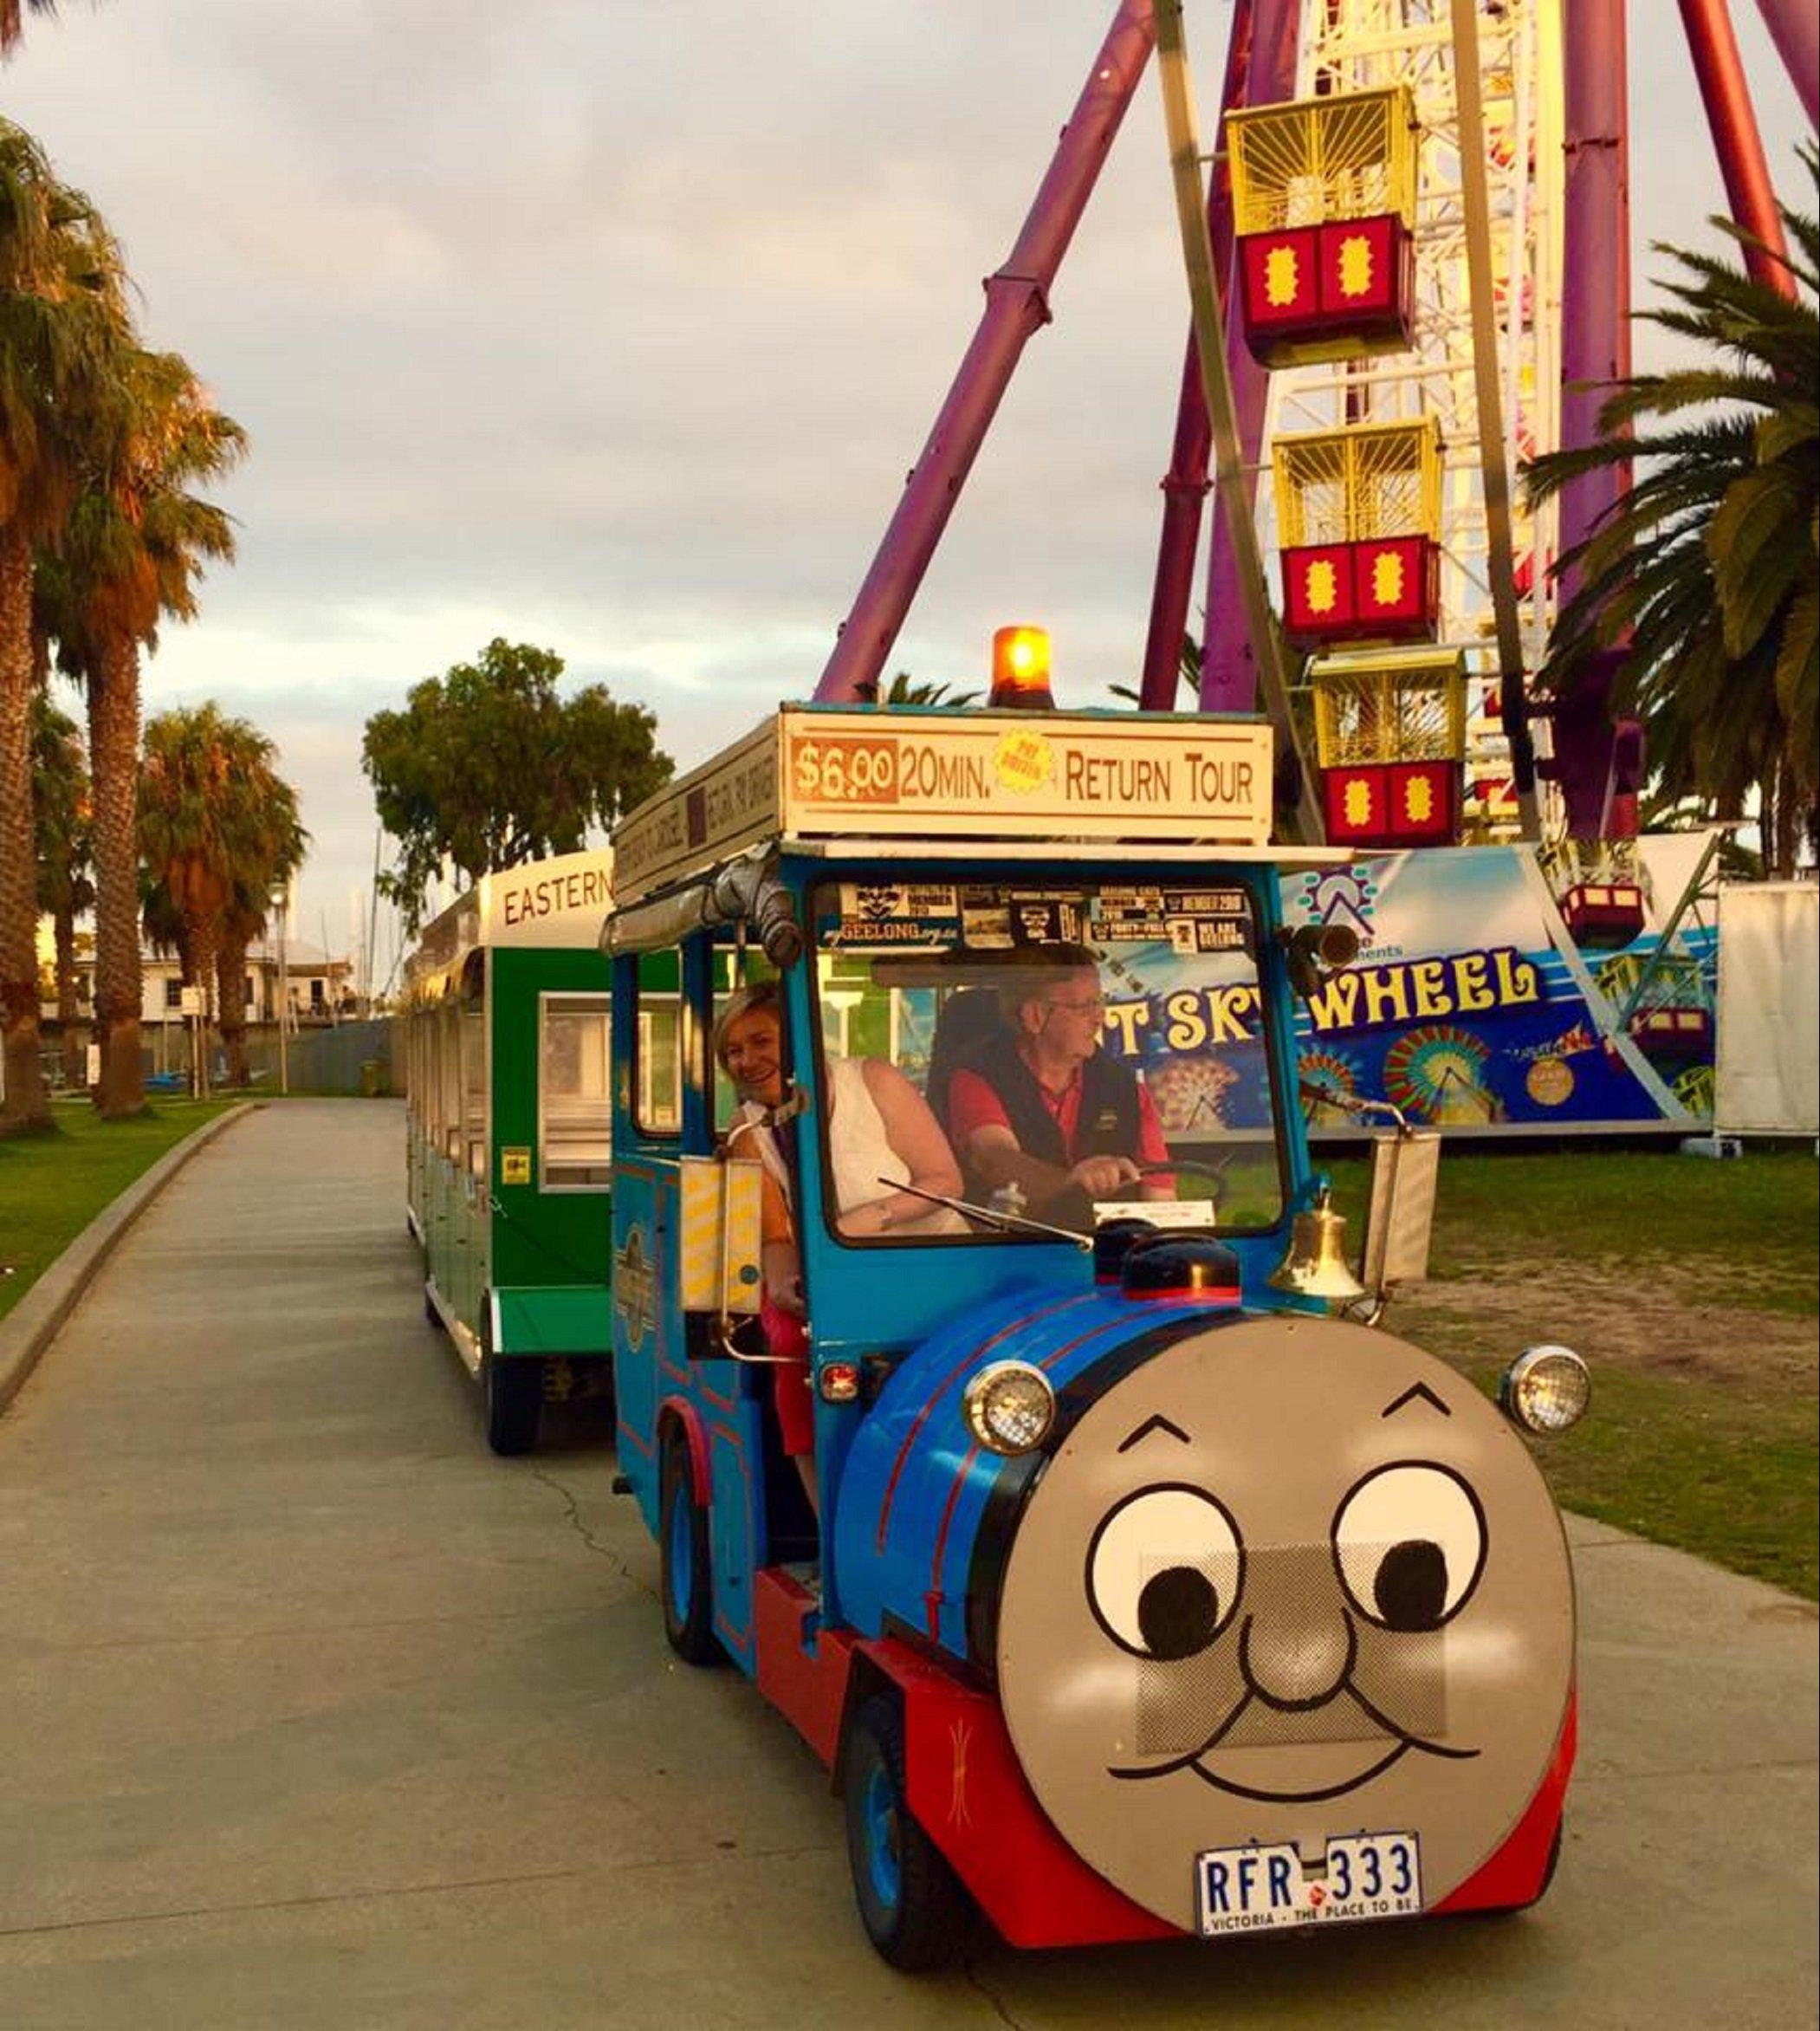 Eastern Beach Train Hire